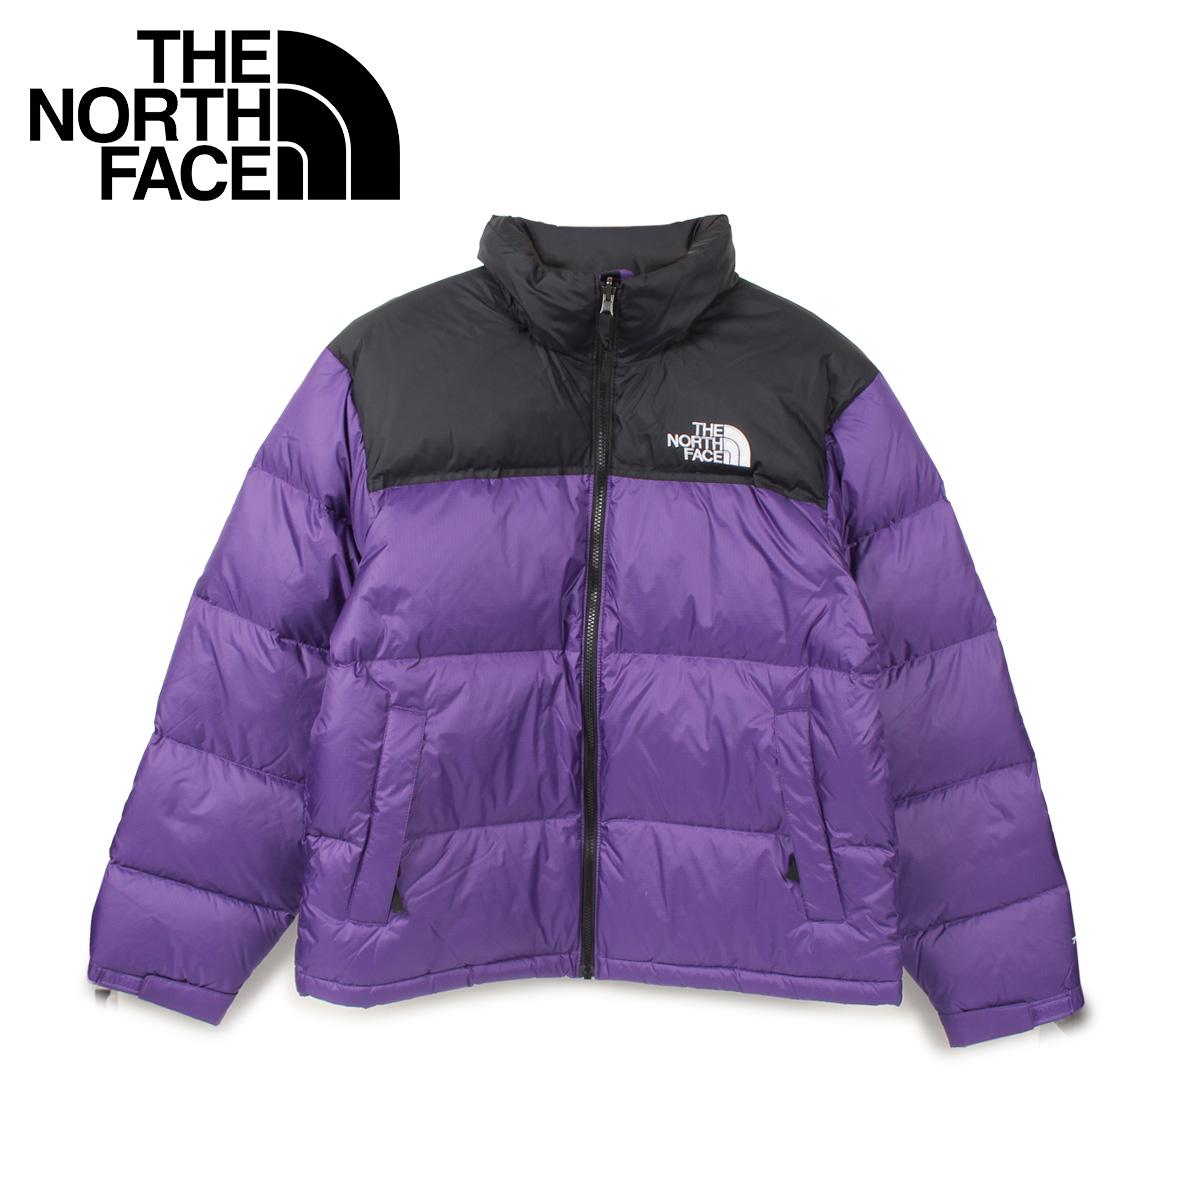 THE NORTH FACE ノースフェイス 1996 RETRO NUPTSE ジャケット ダウンジャケット メンズ DOWN JACKET パープル T93C8D